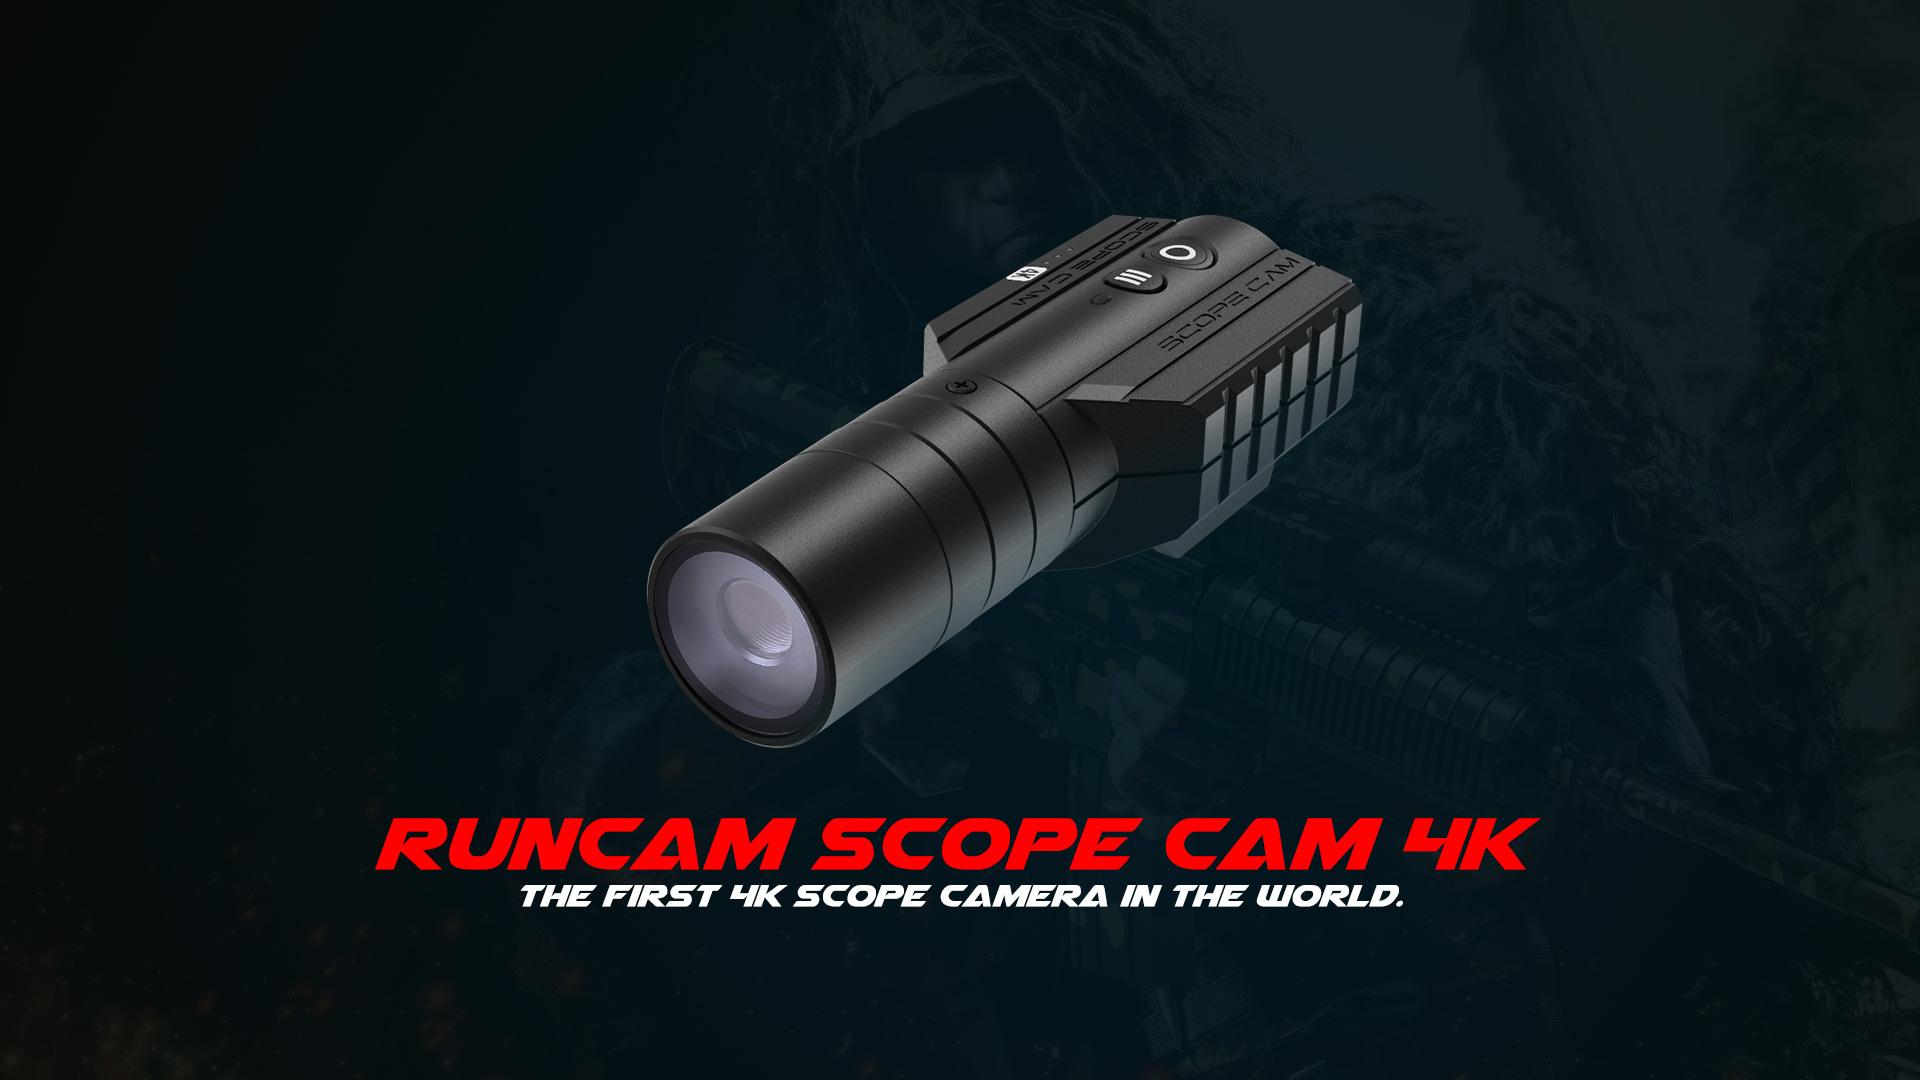 RunCam Scope Cam 4K